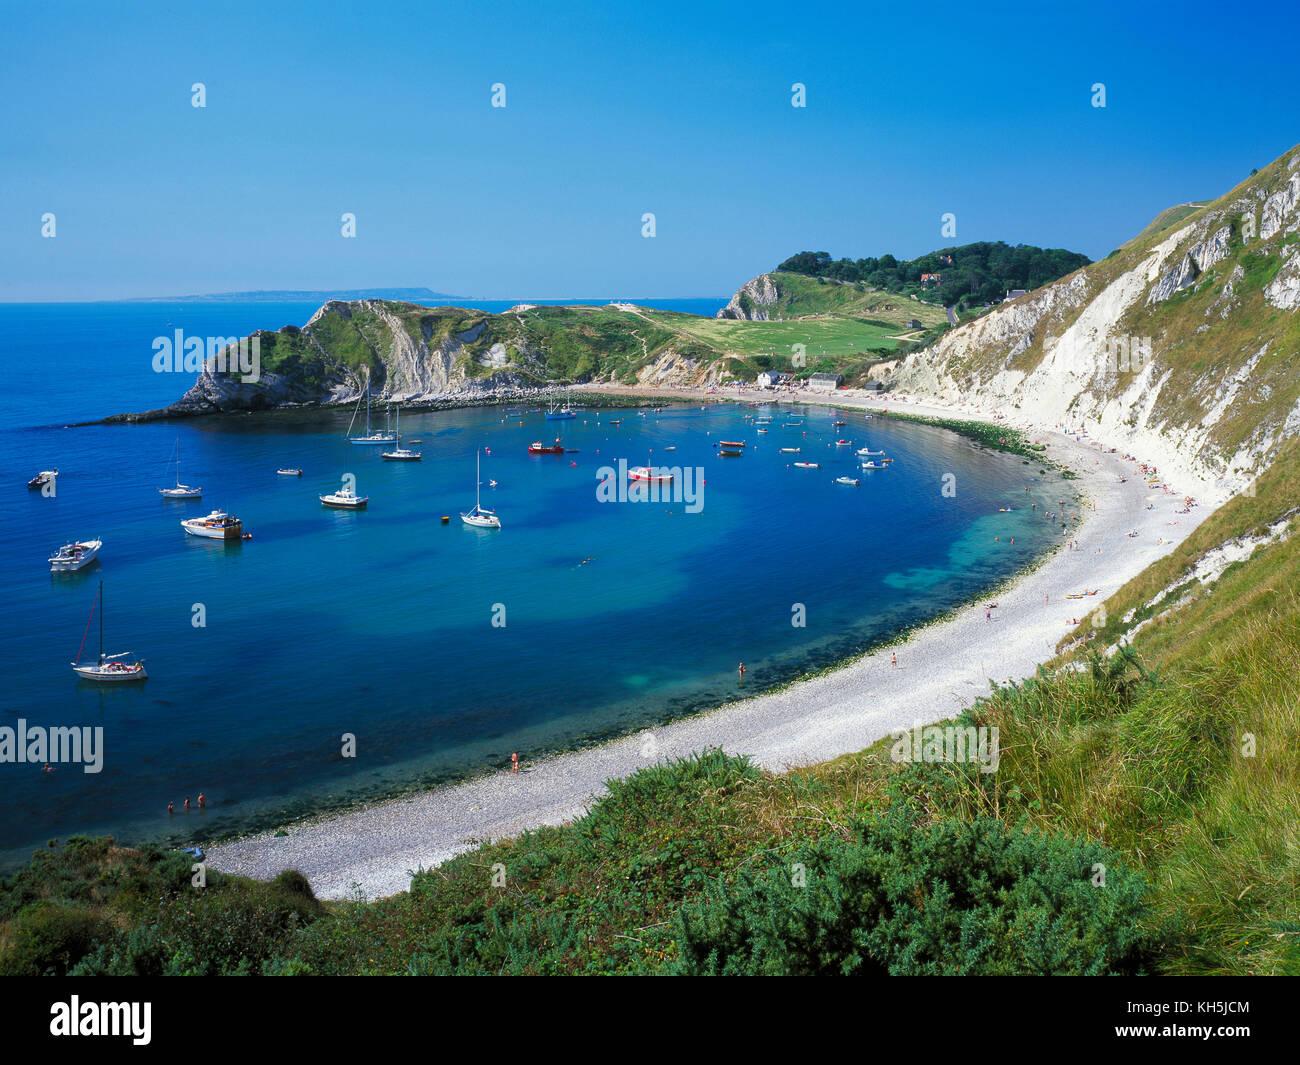 Lulworth Cove, Jurassic Coast, Dorset, England., UK. - Stock Image